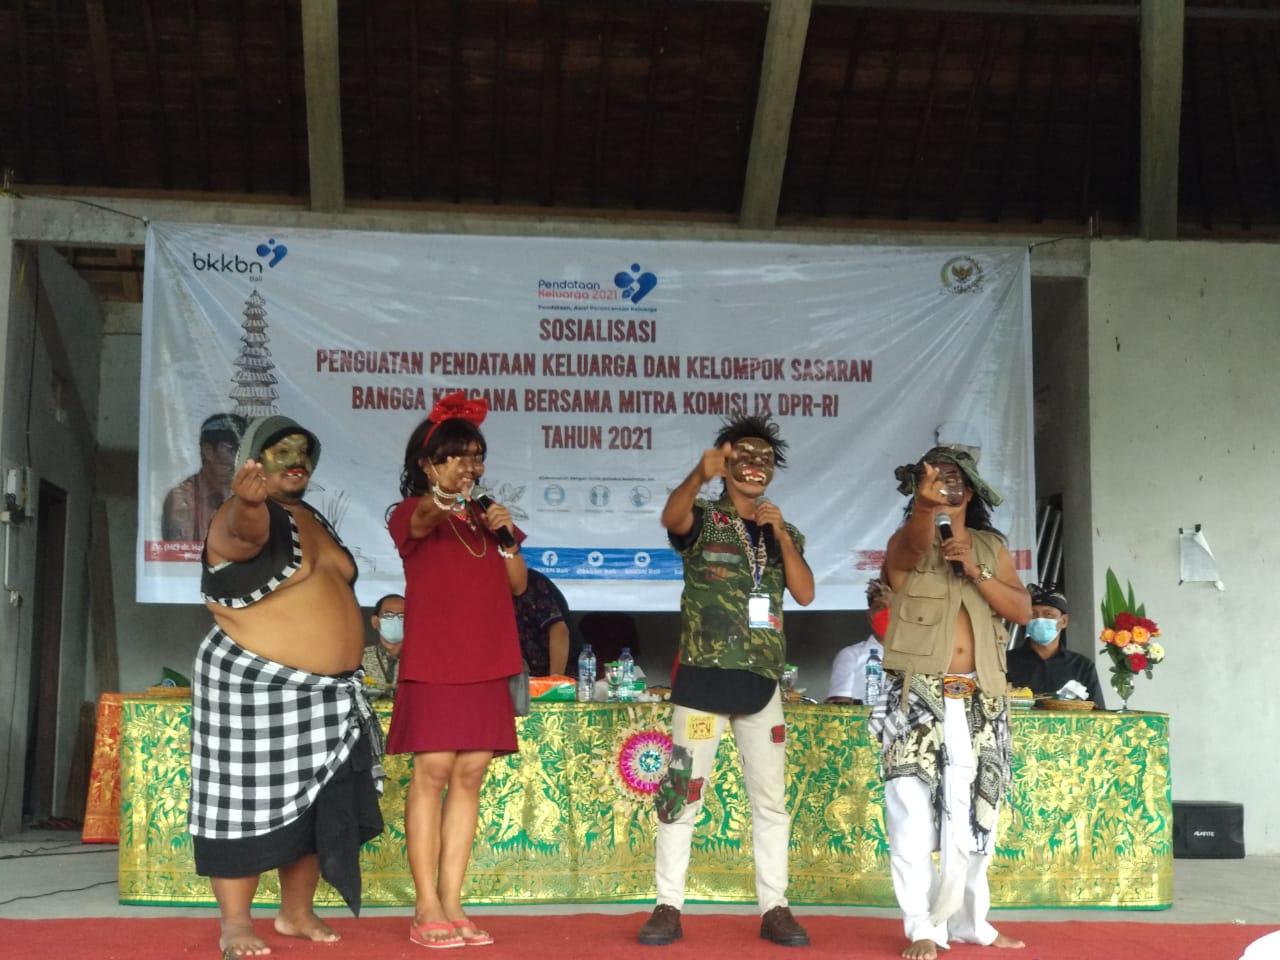 BKKBN Bali menggunakan bondres sebagai media sosialisasi. Foto: ist